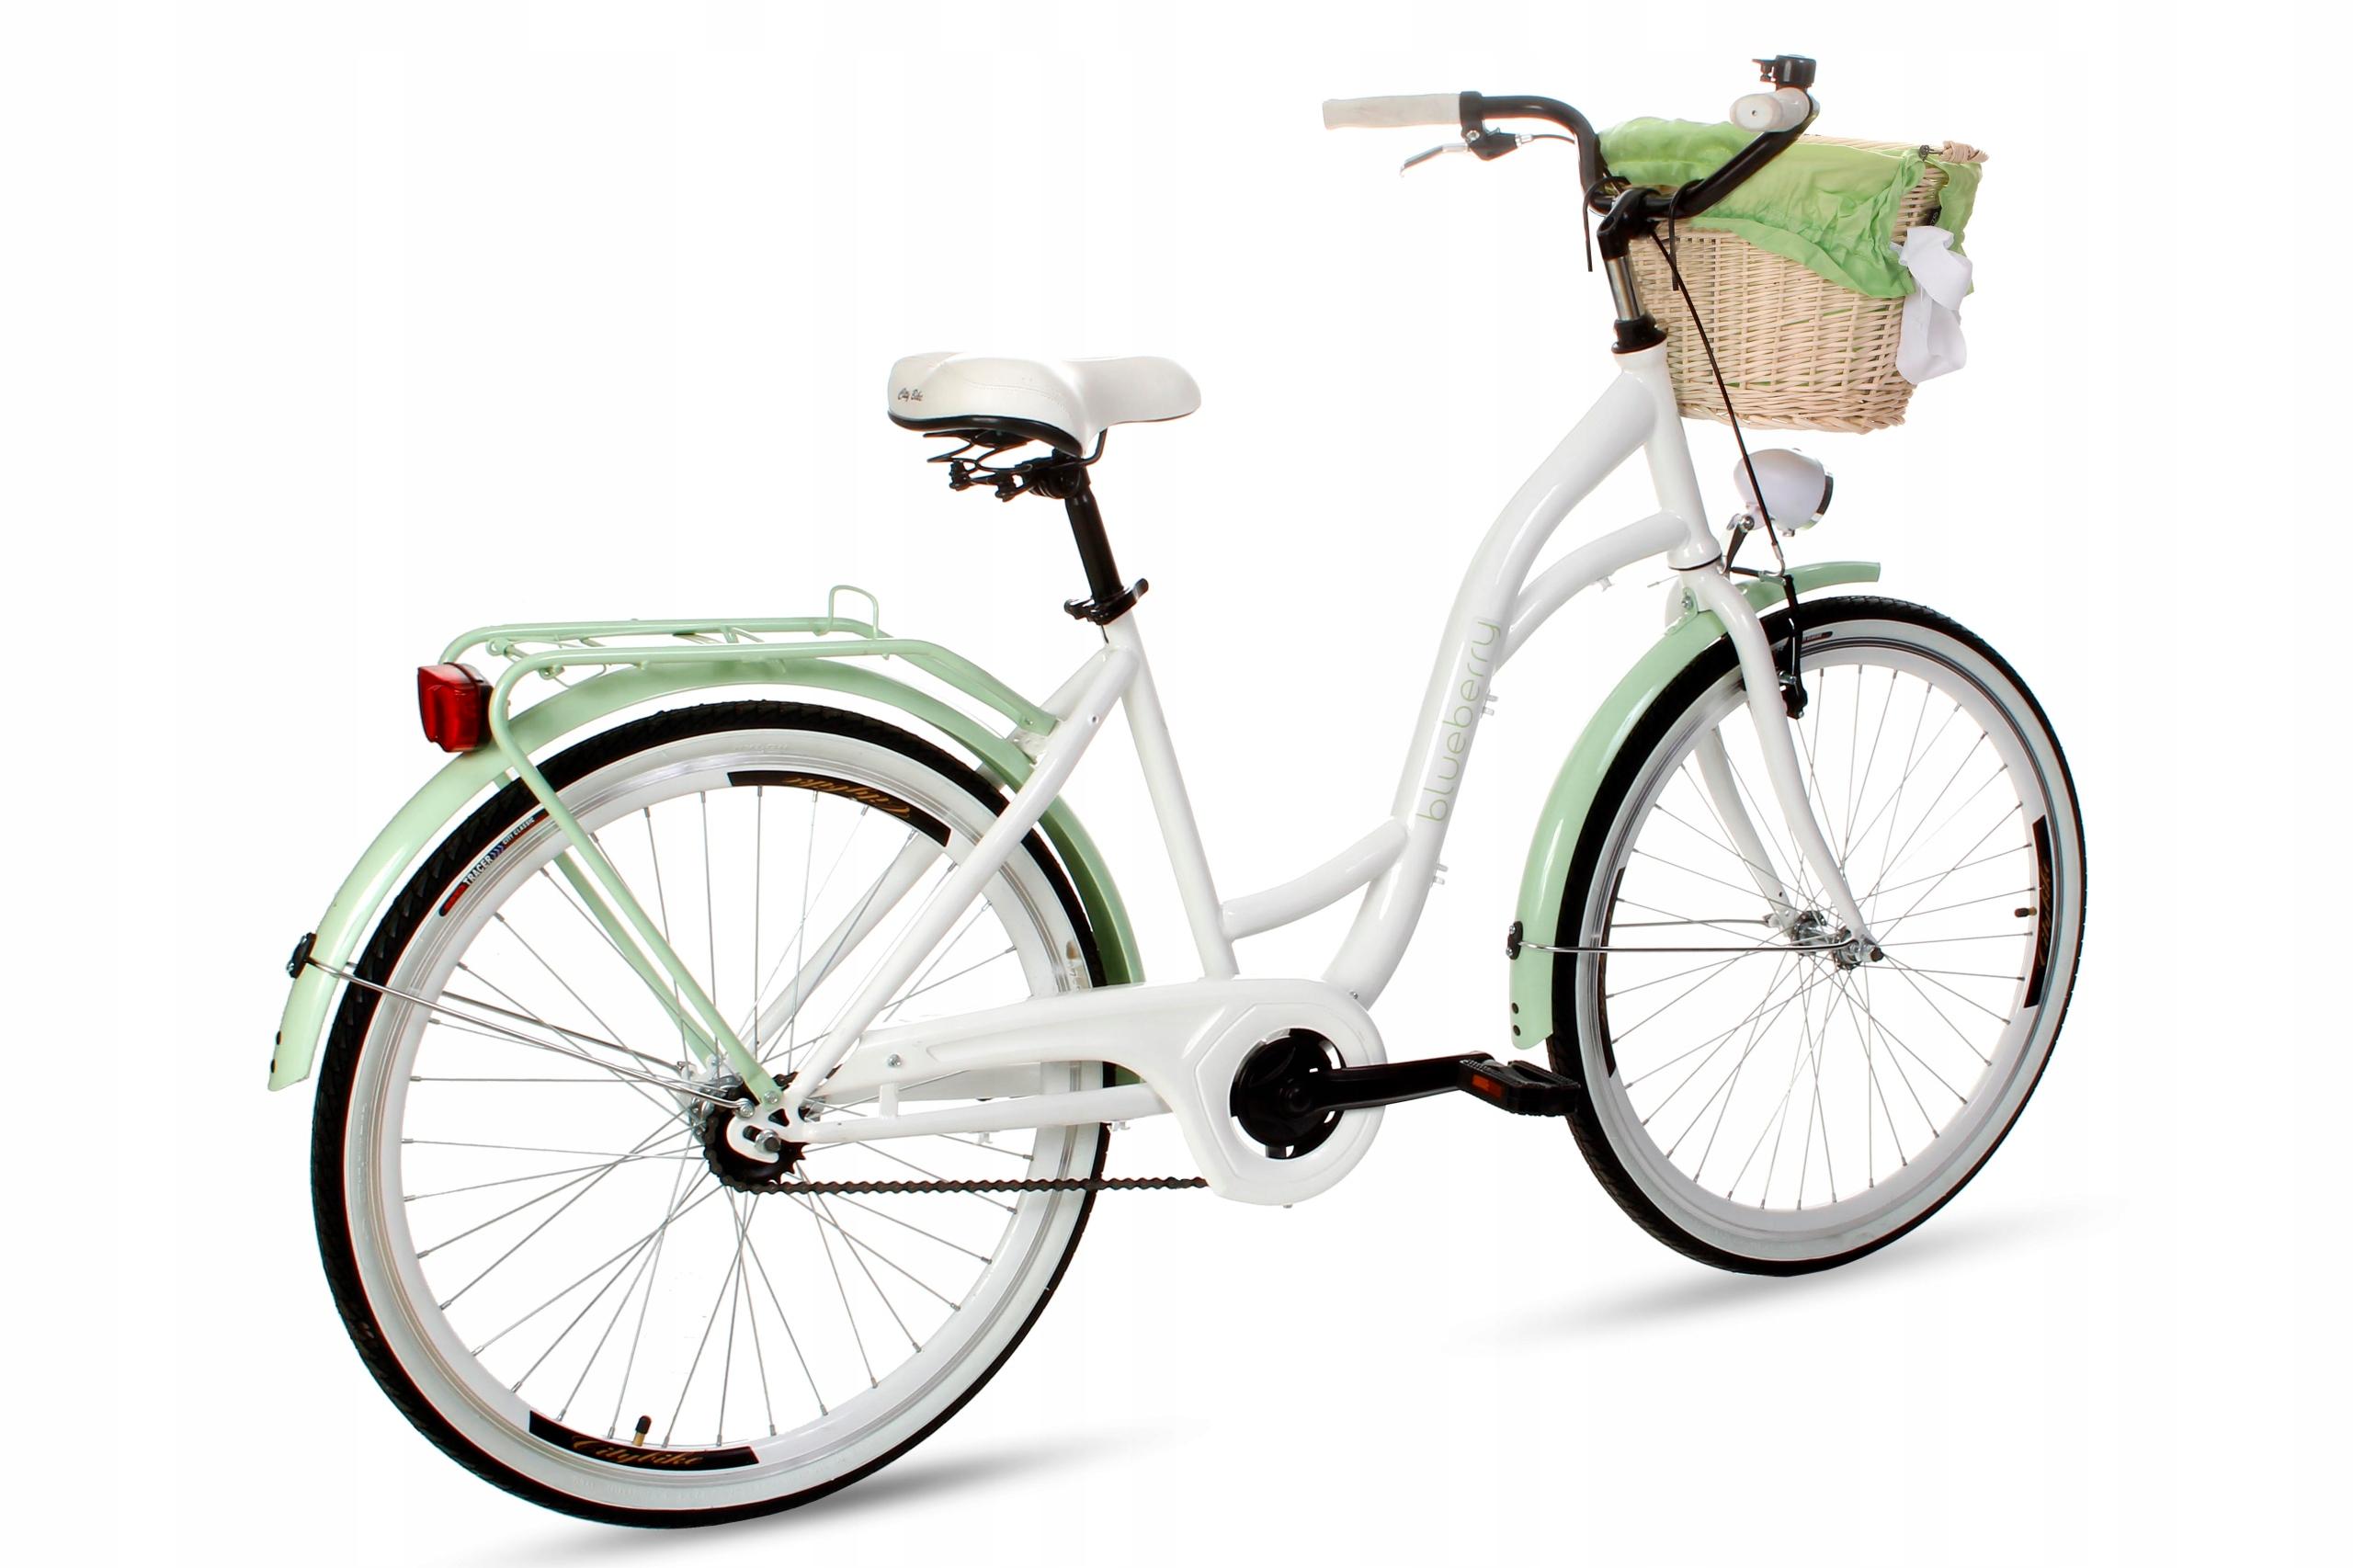 Dámsky mestský bicykel Goetze BLUEBERRY 26 košík!  Torpédové brzdy s brzdou v tvare V.